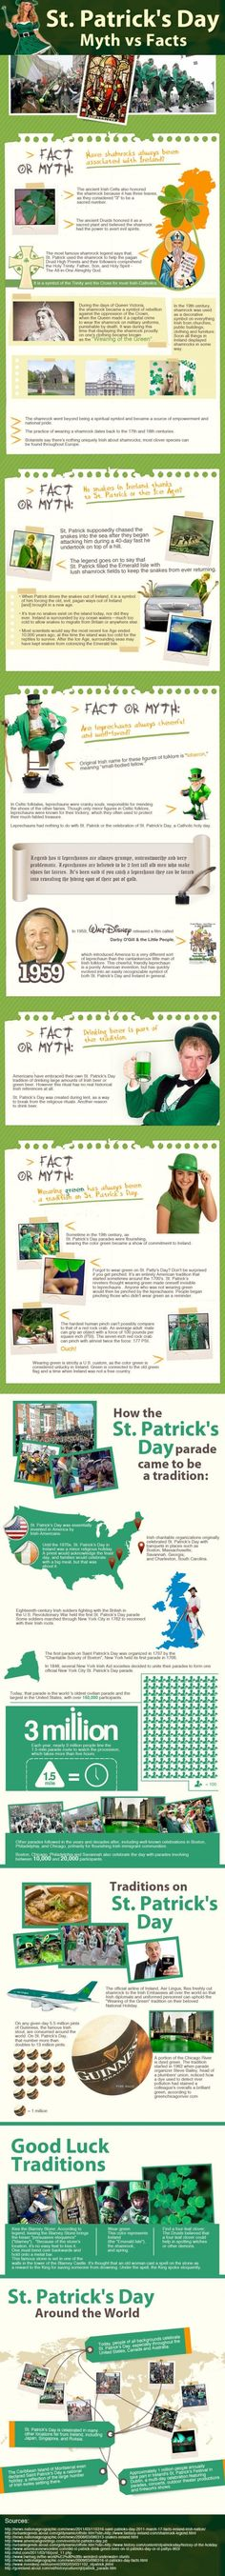 St. Patrick's Day Facts & Myths